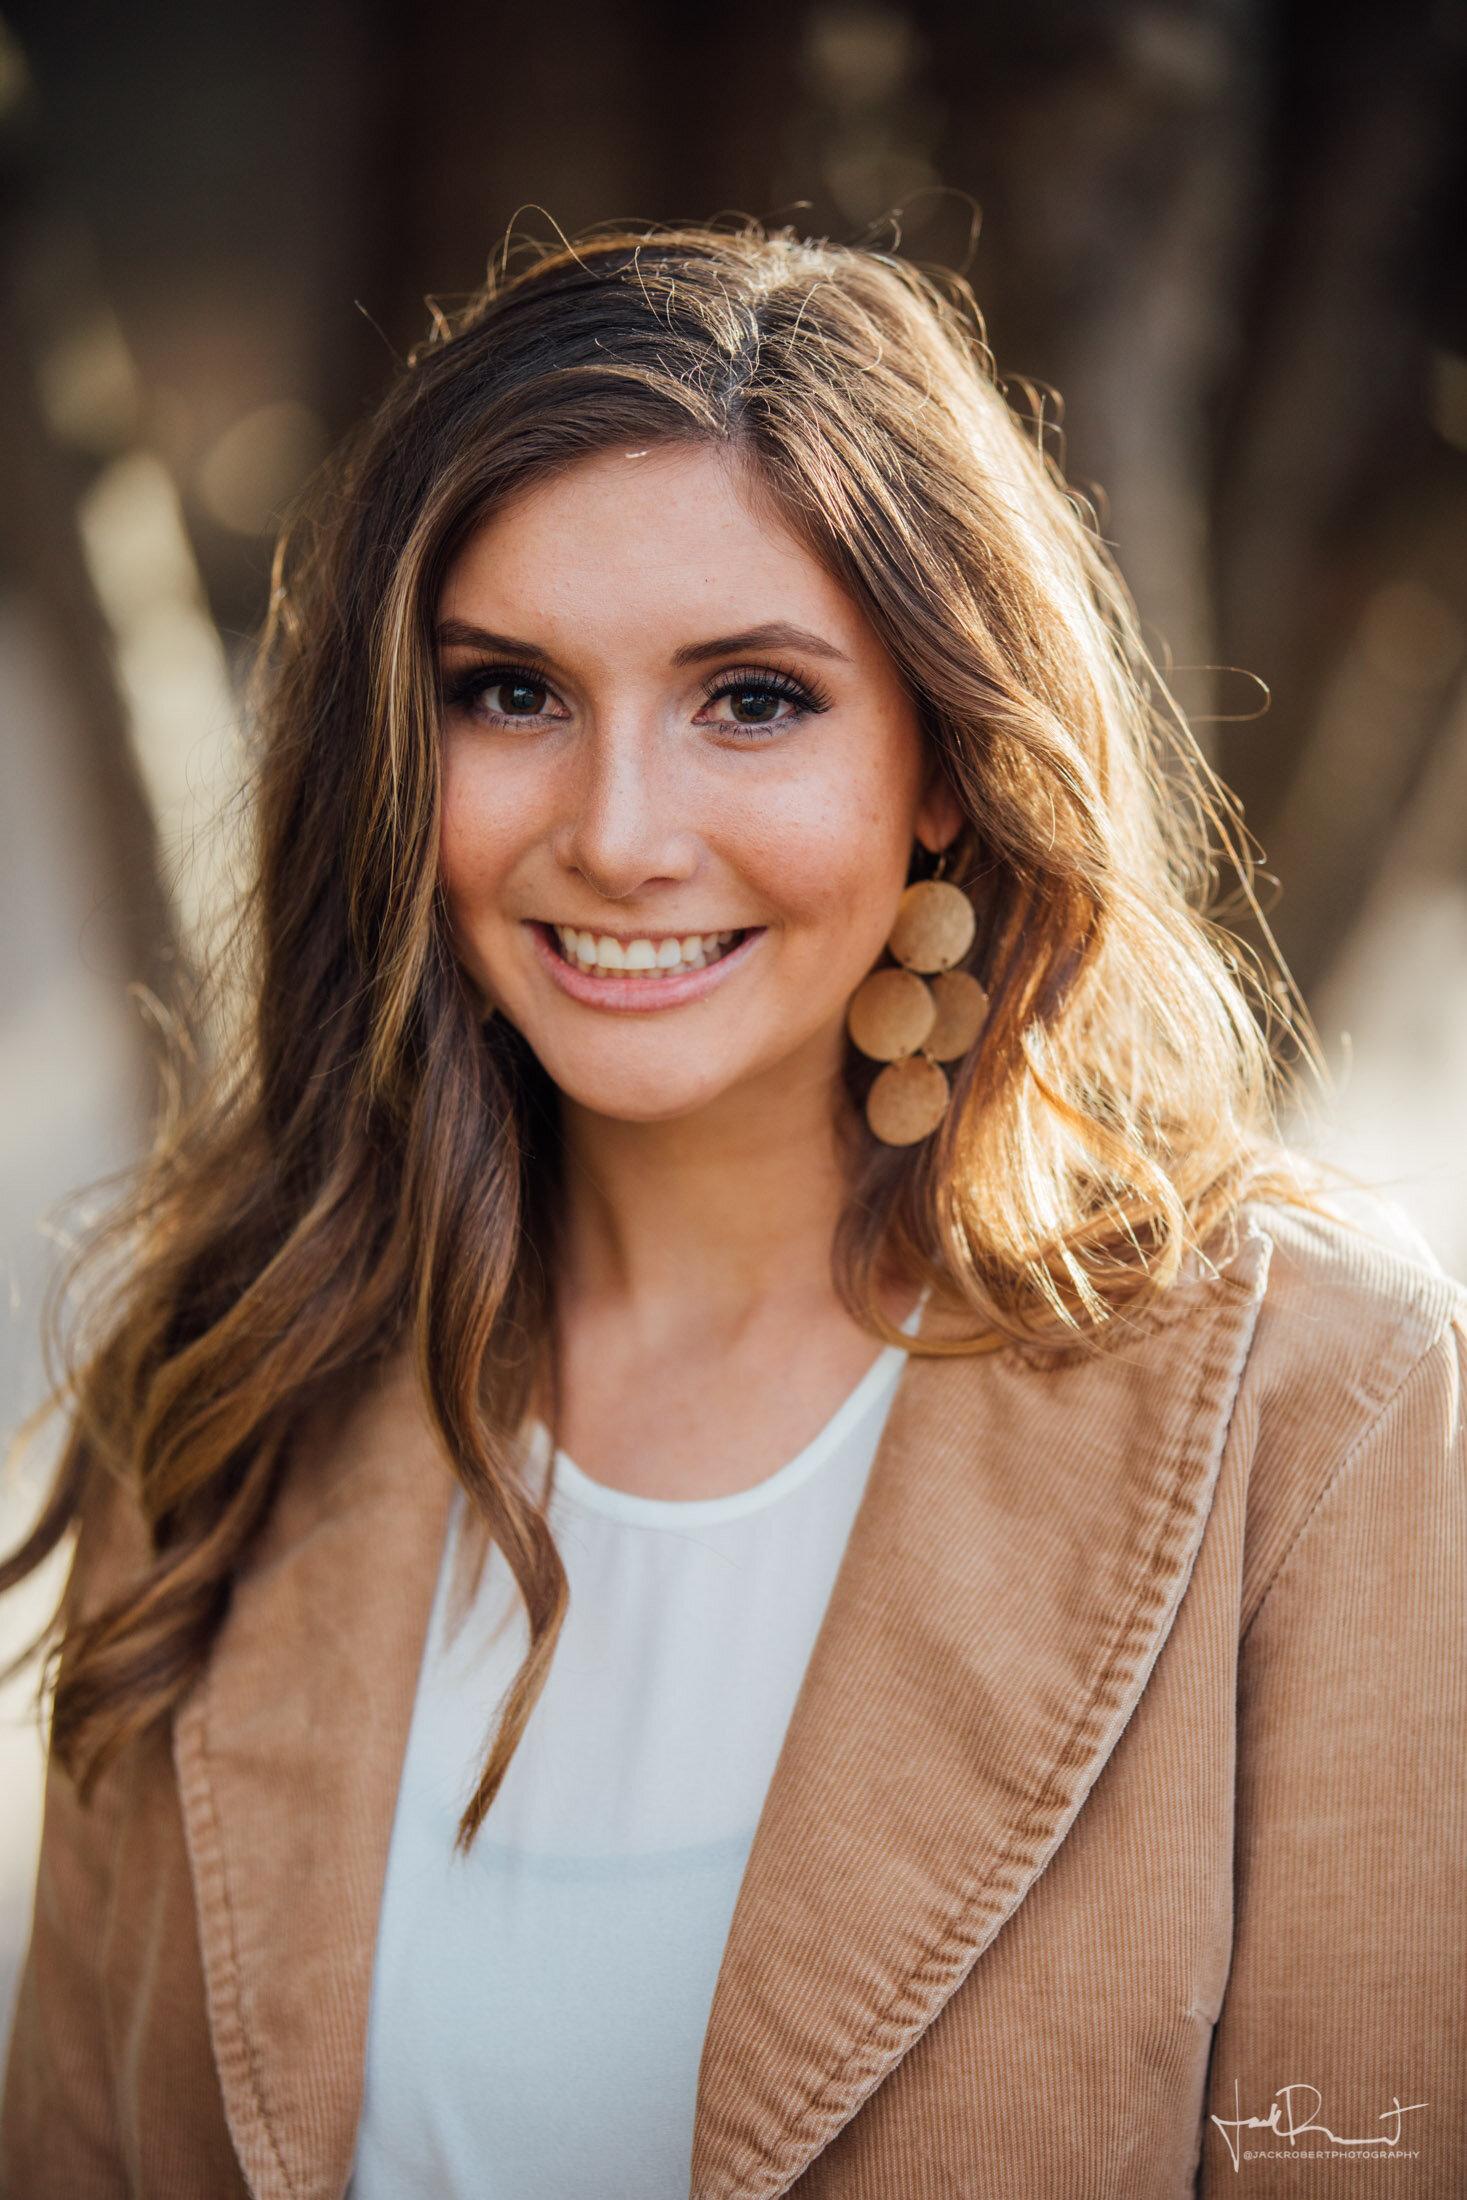 2020-01-22 BLOG Audrey Anne Bowman - Greenville, SC - Jack Robert Photography-10.jpg